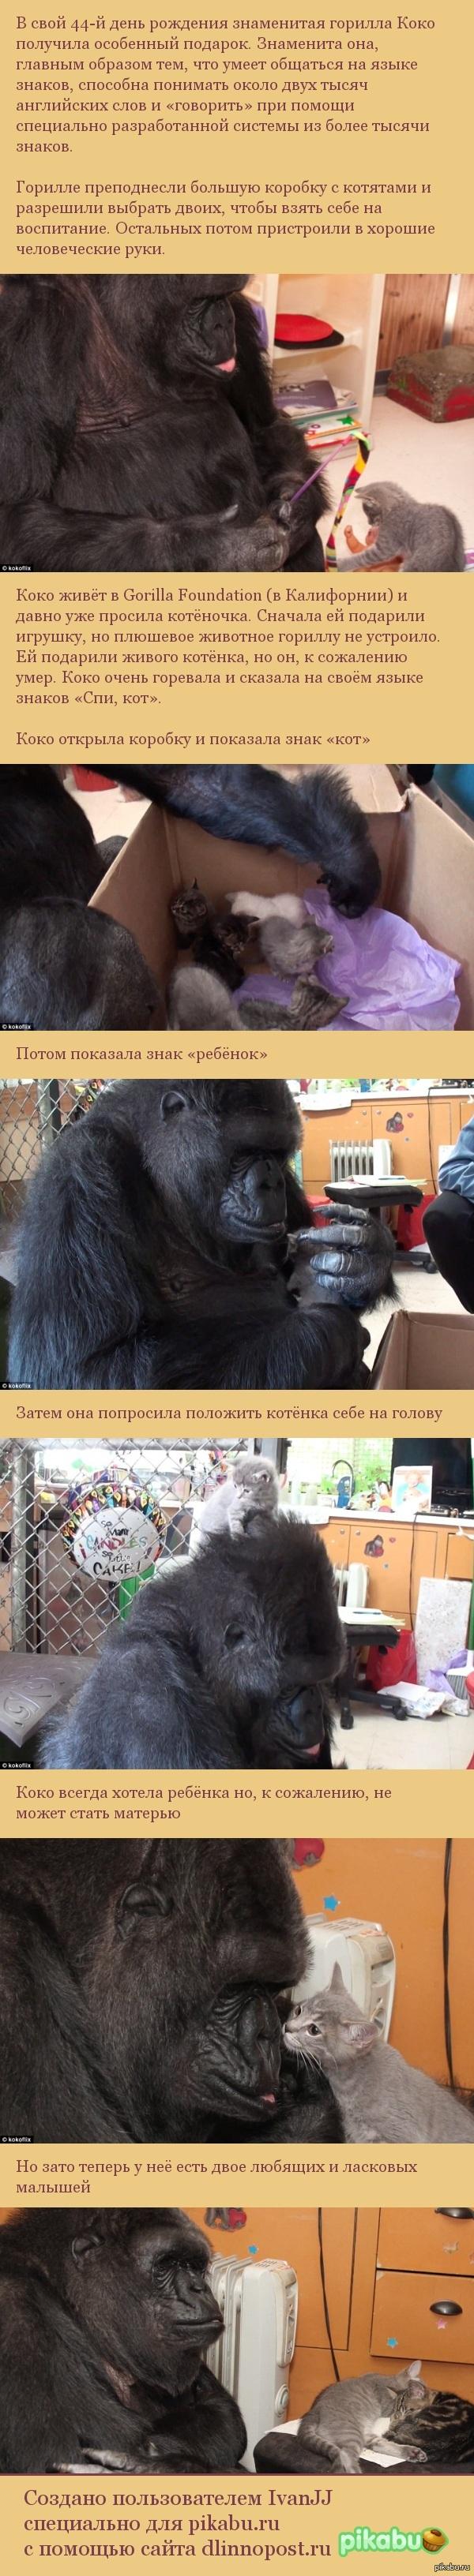 Приёмные дети гориллы Коко Ссылка на видио внутри